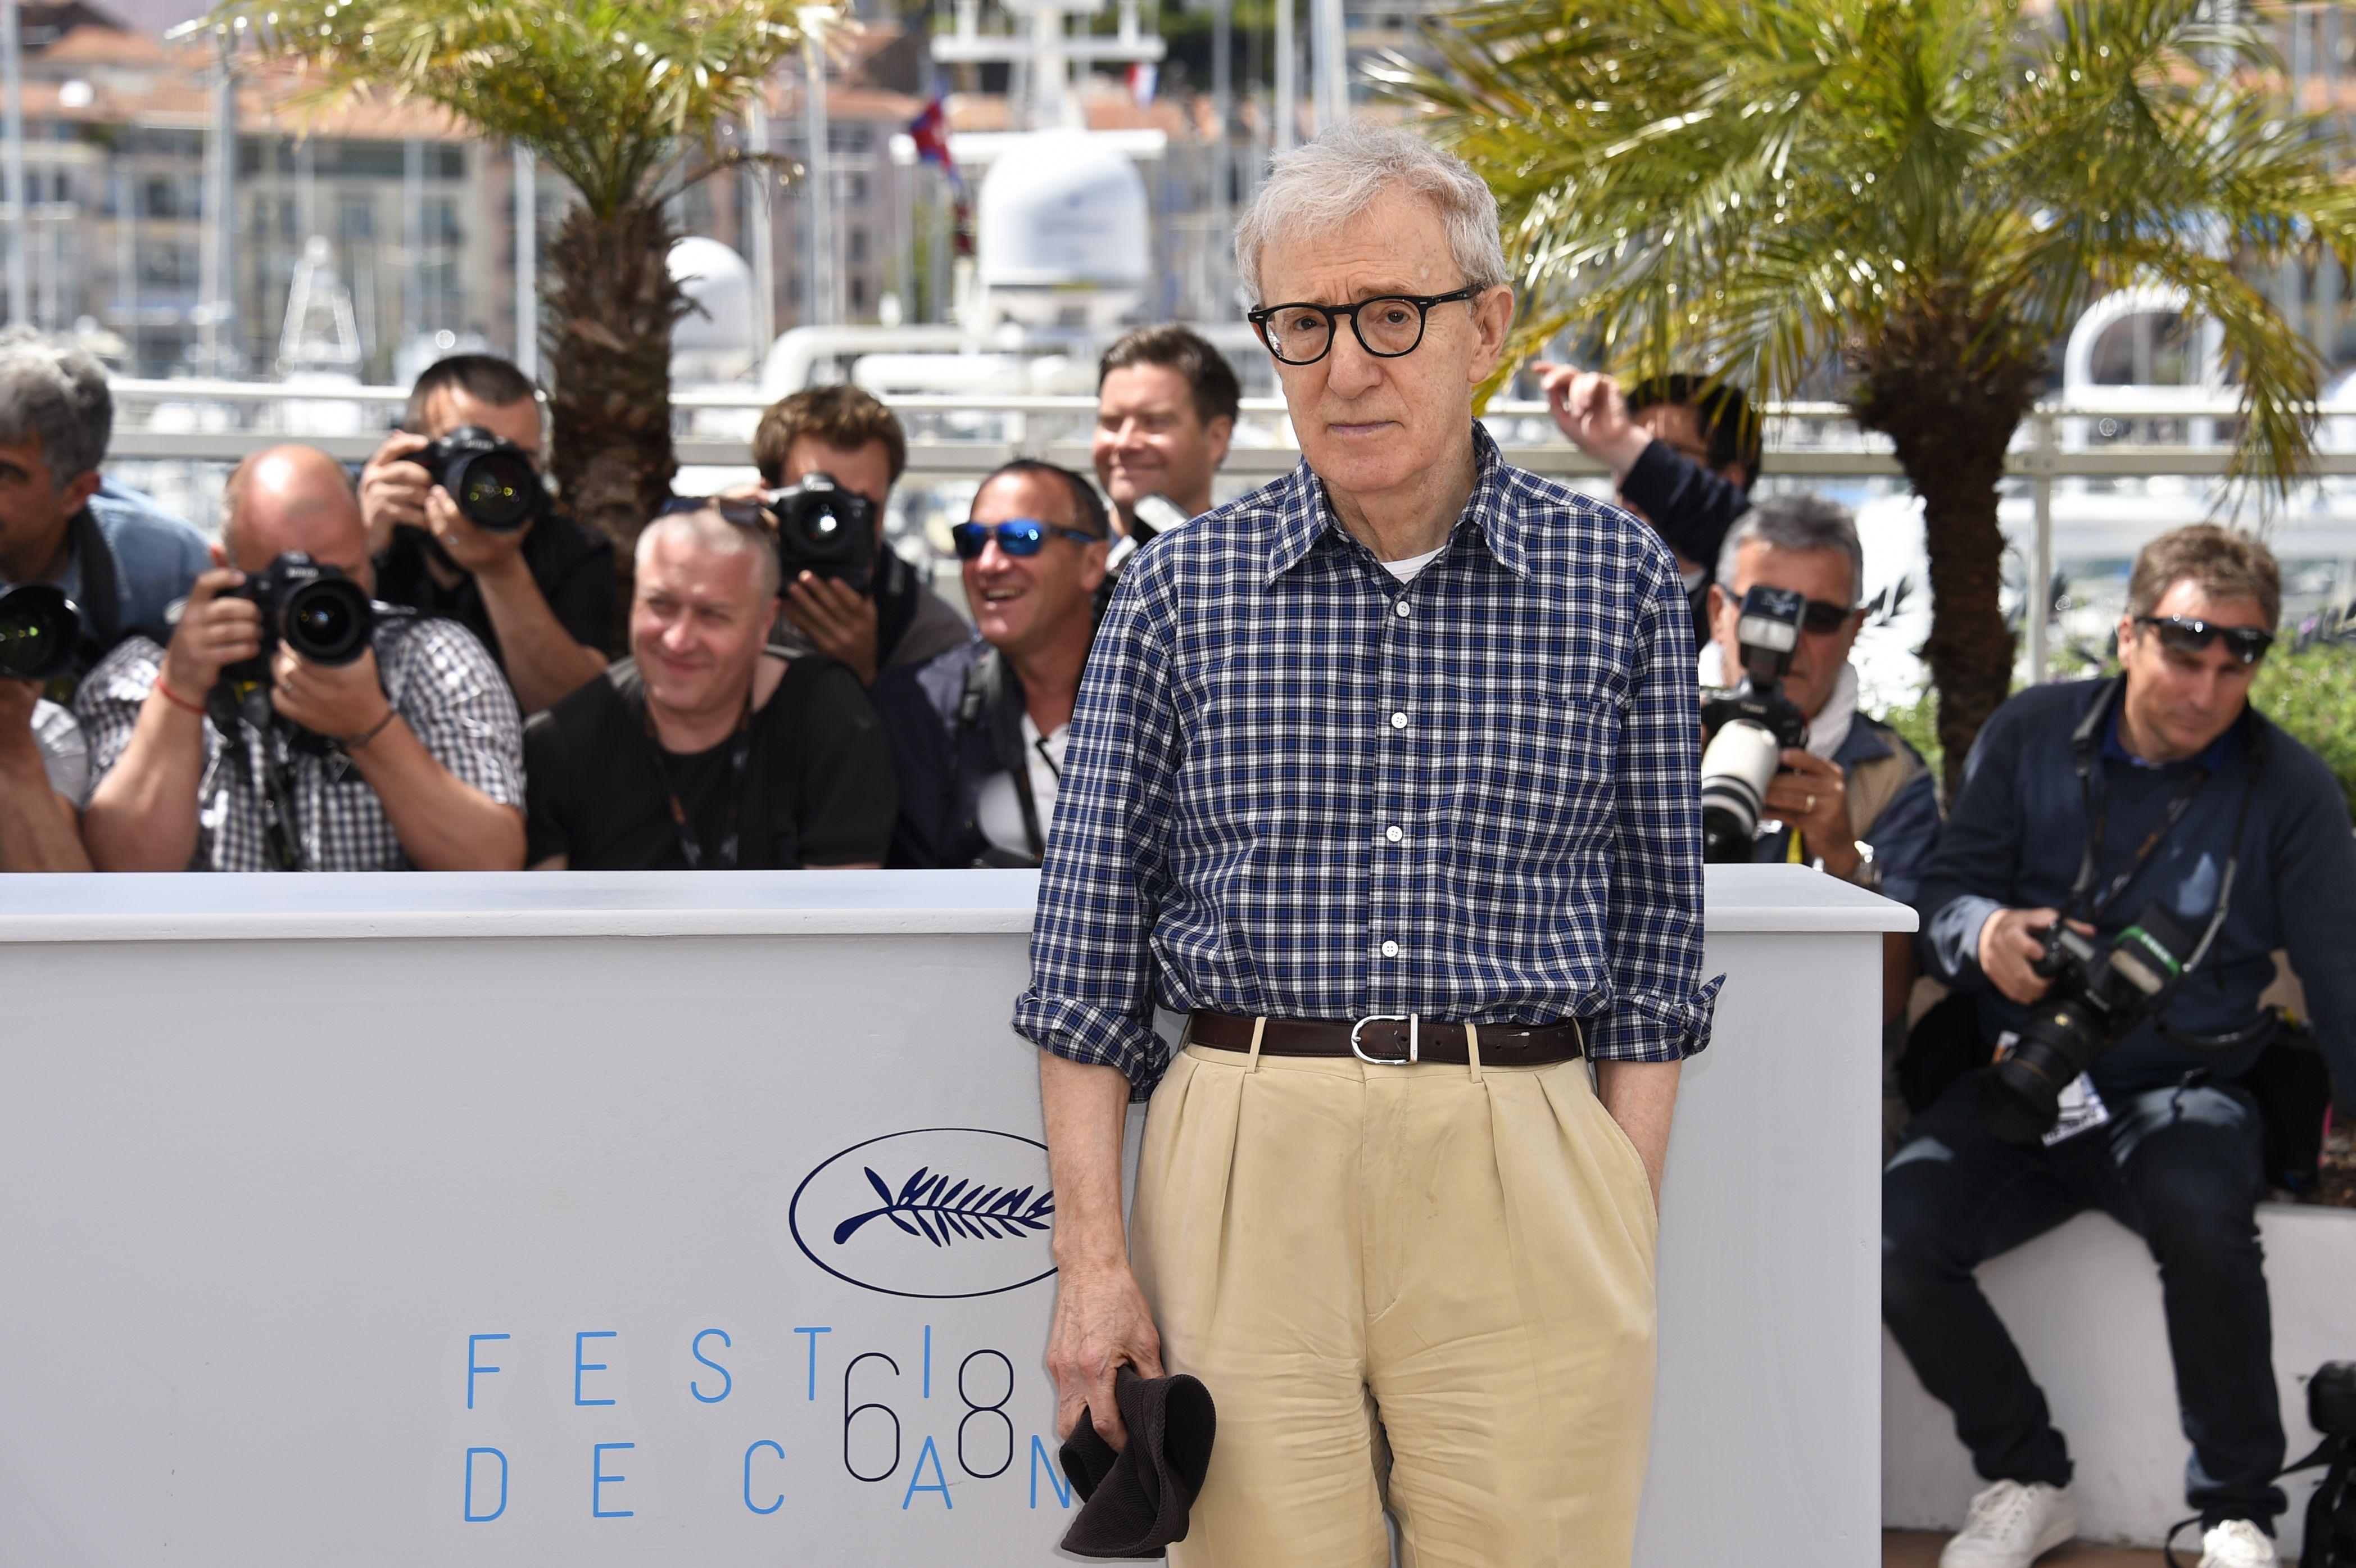 Fui paternal, diz Woody Allen sobre casamento com filha adotiva